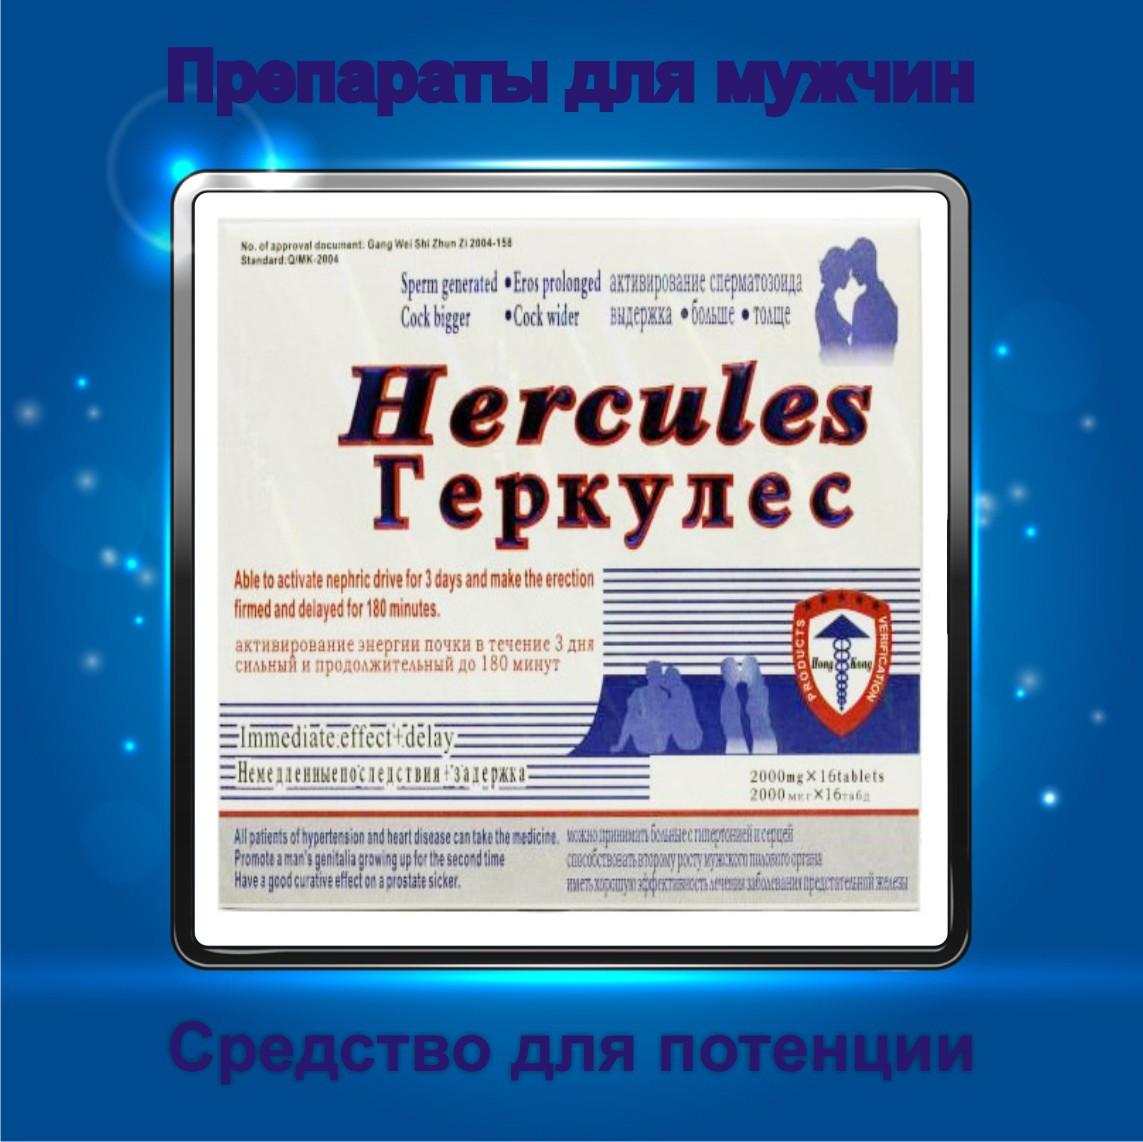 """""""Геркулес"""" (Hercules) - препарат для повышения мужского сексуального желания (10 таблеток)."""